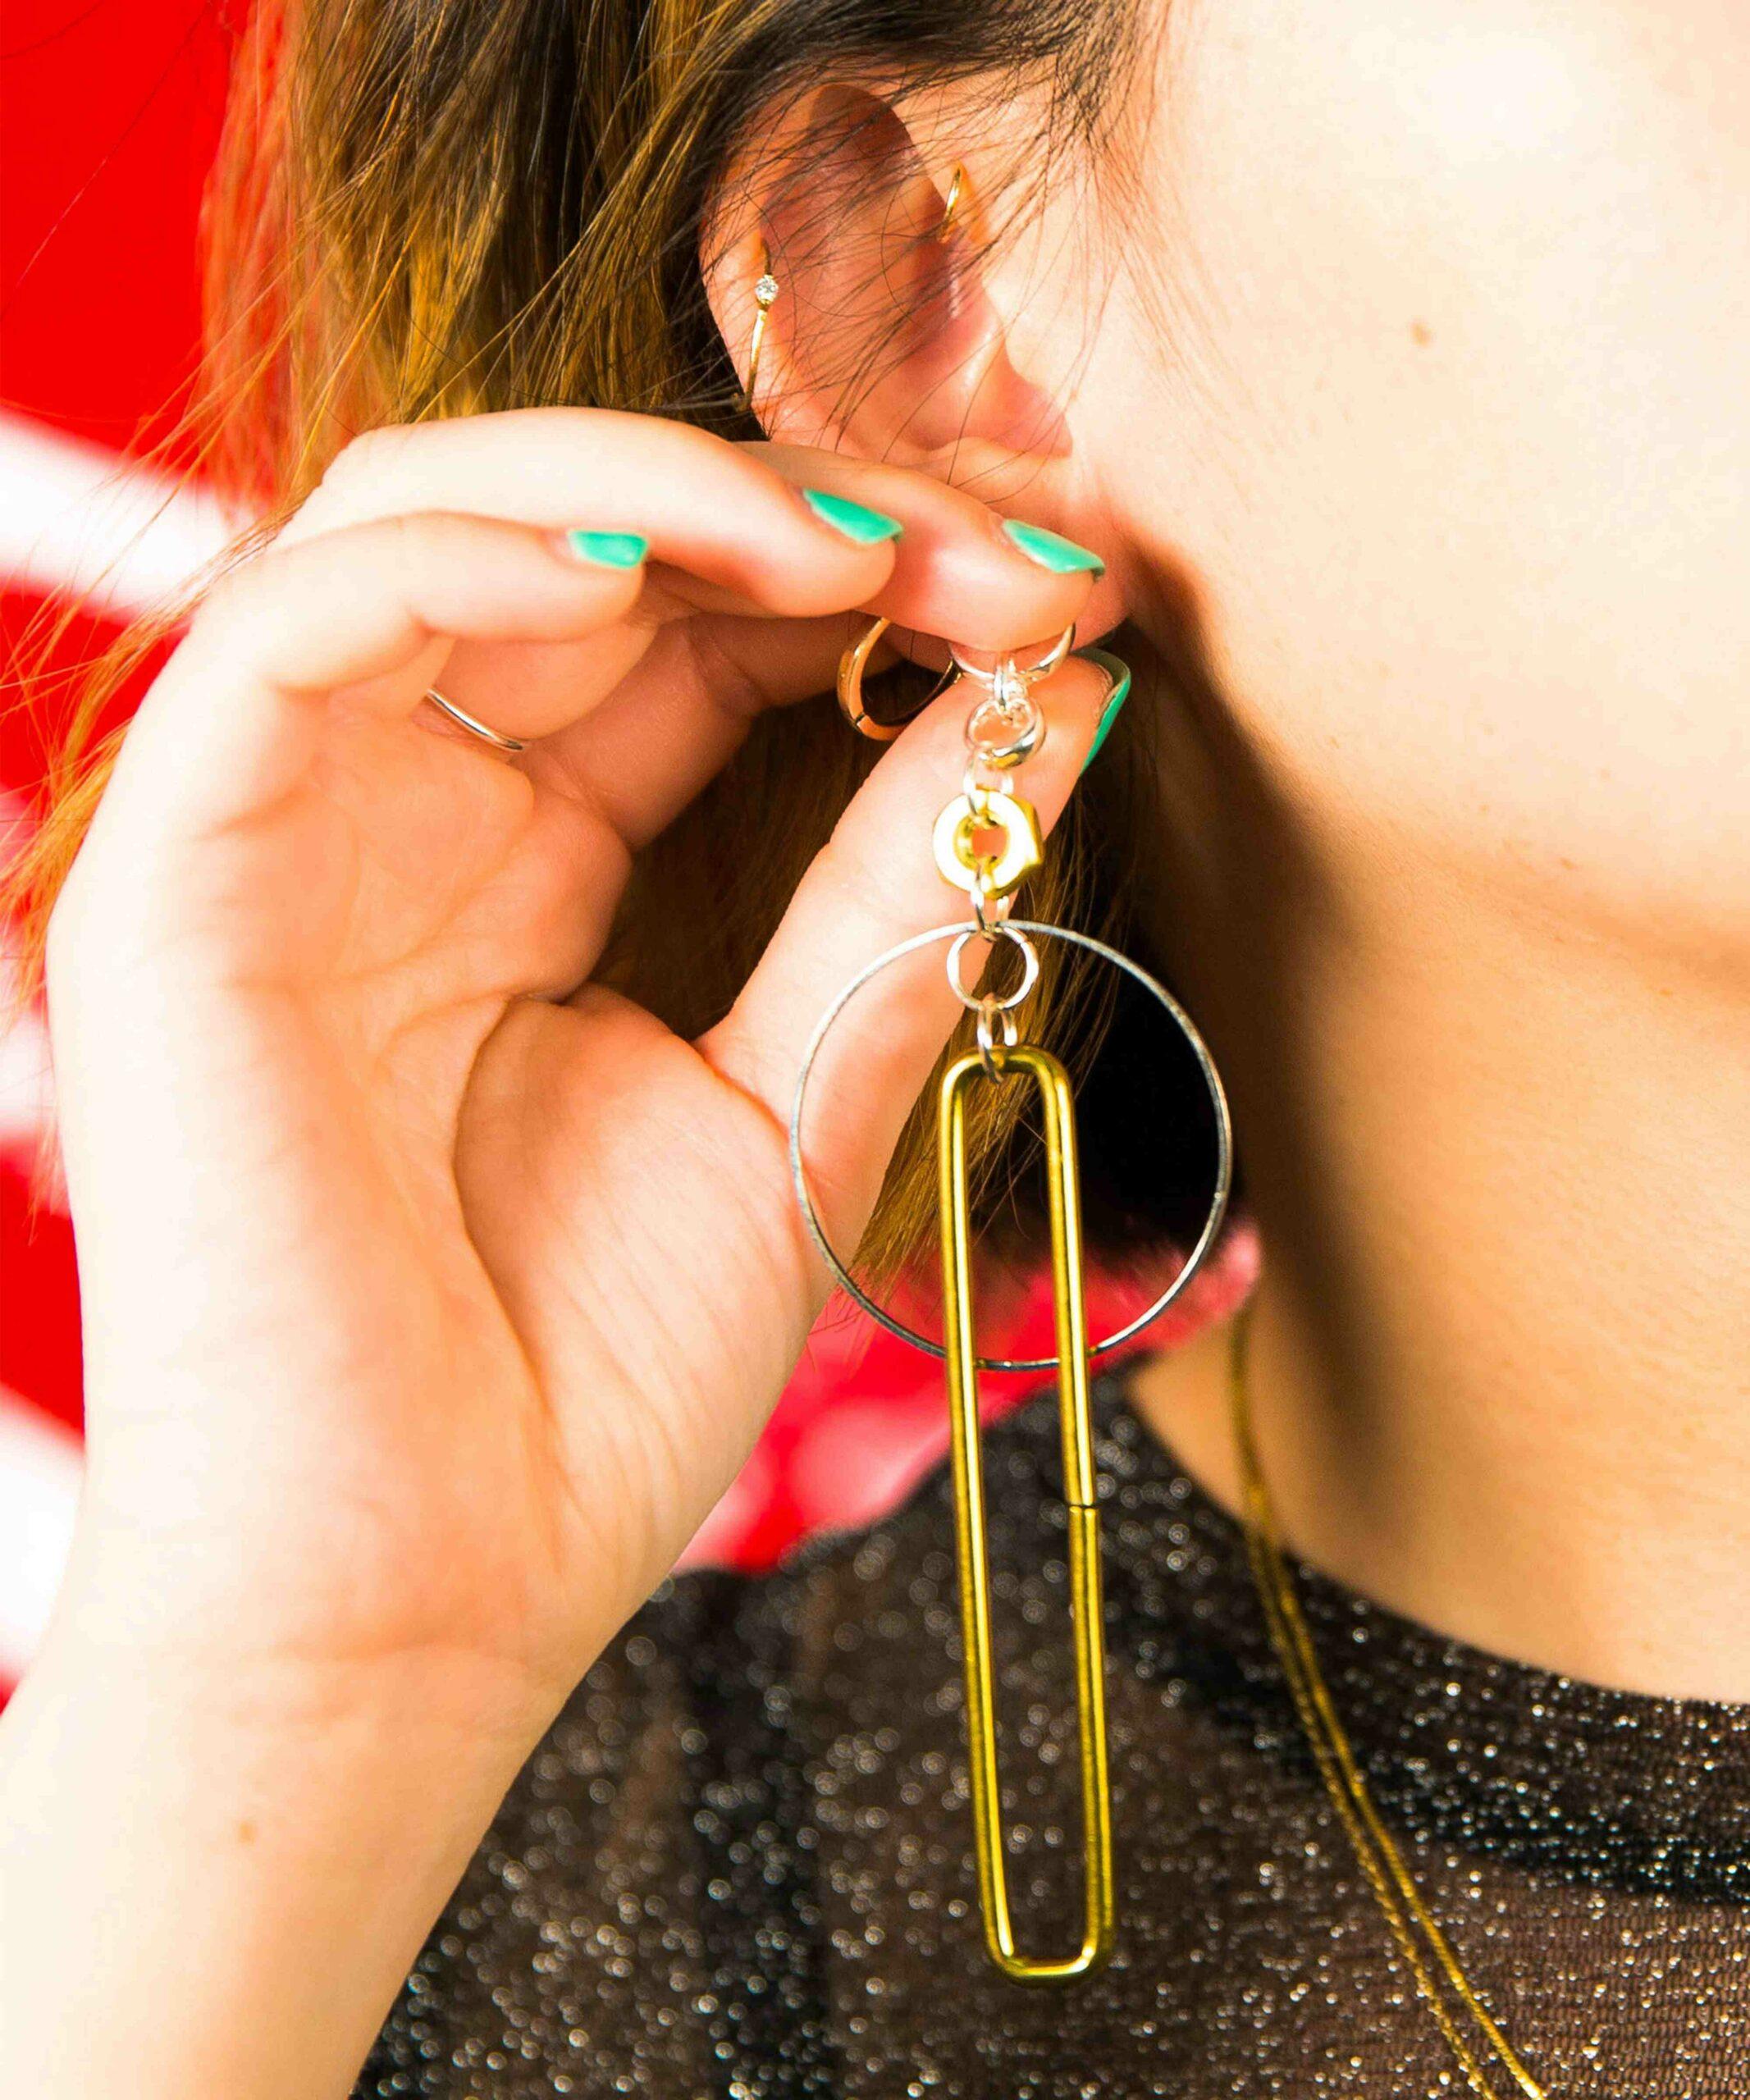 Comment soigner un piercing infecté à l'oreille